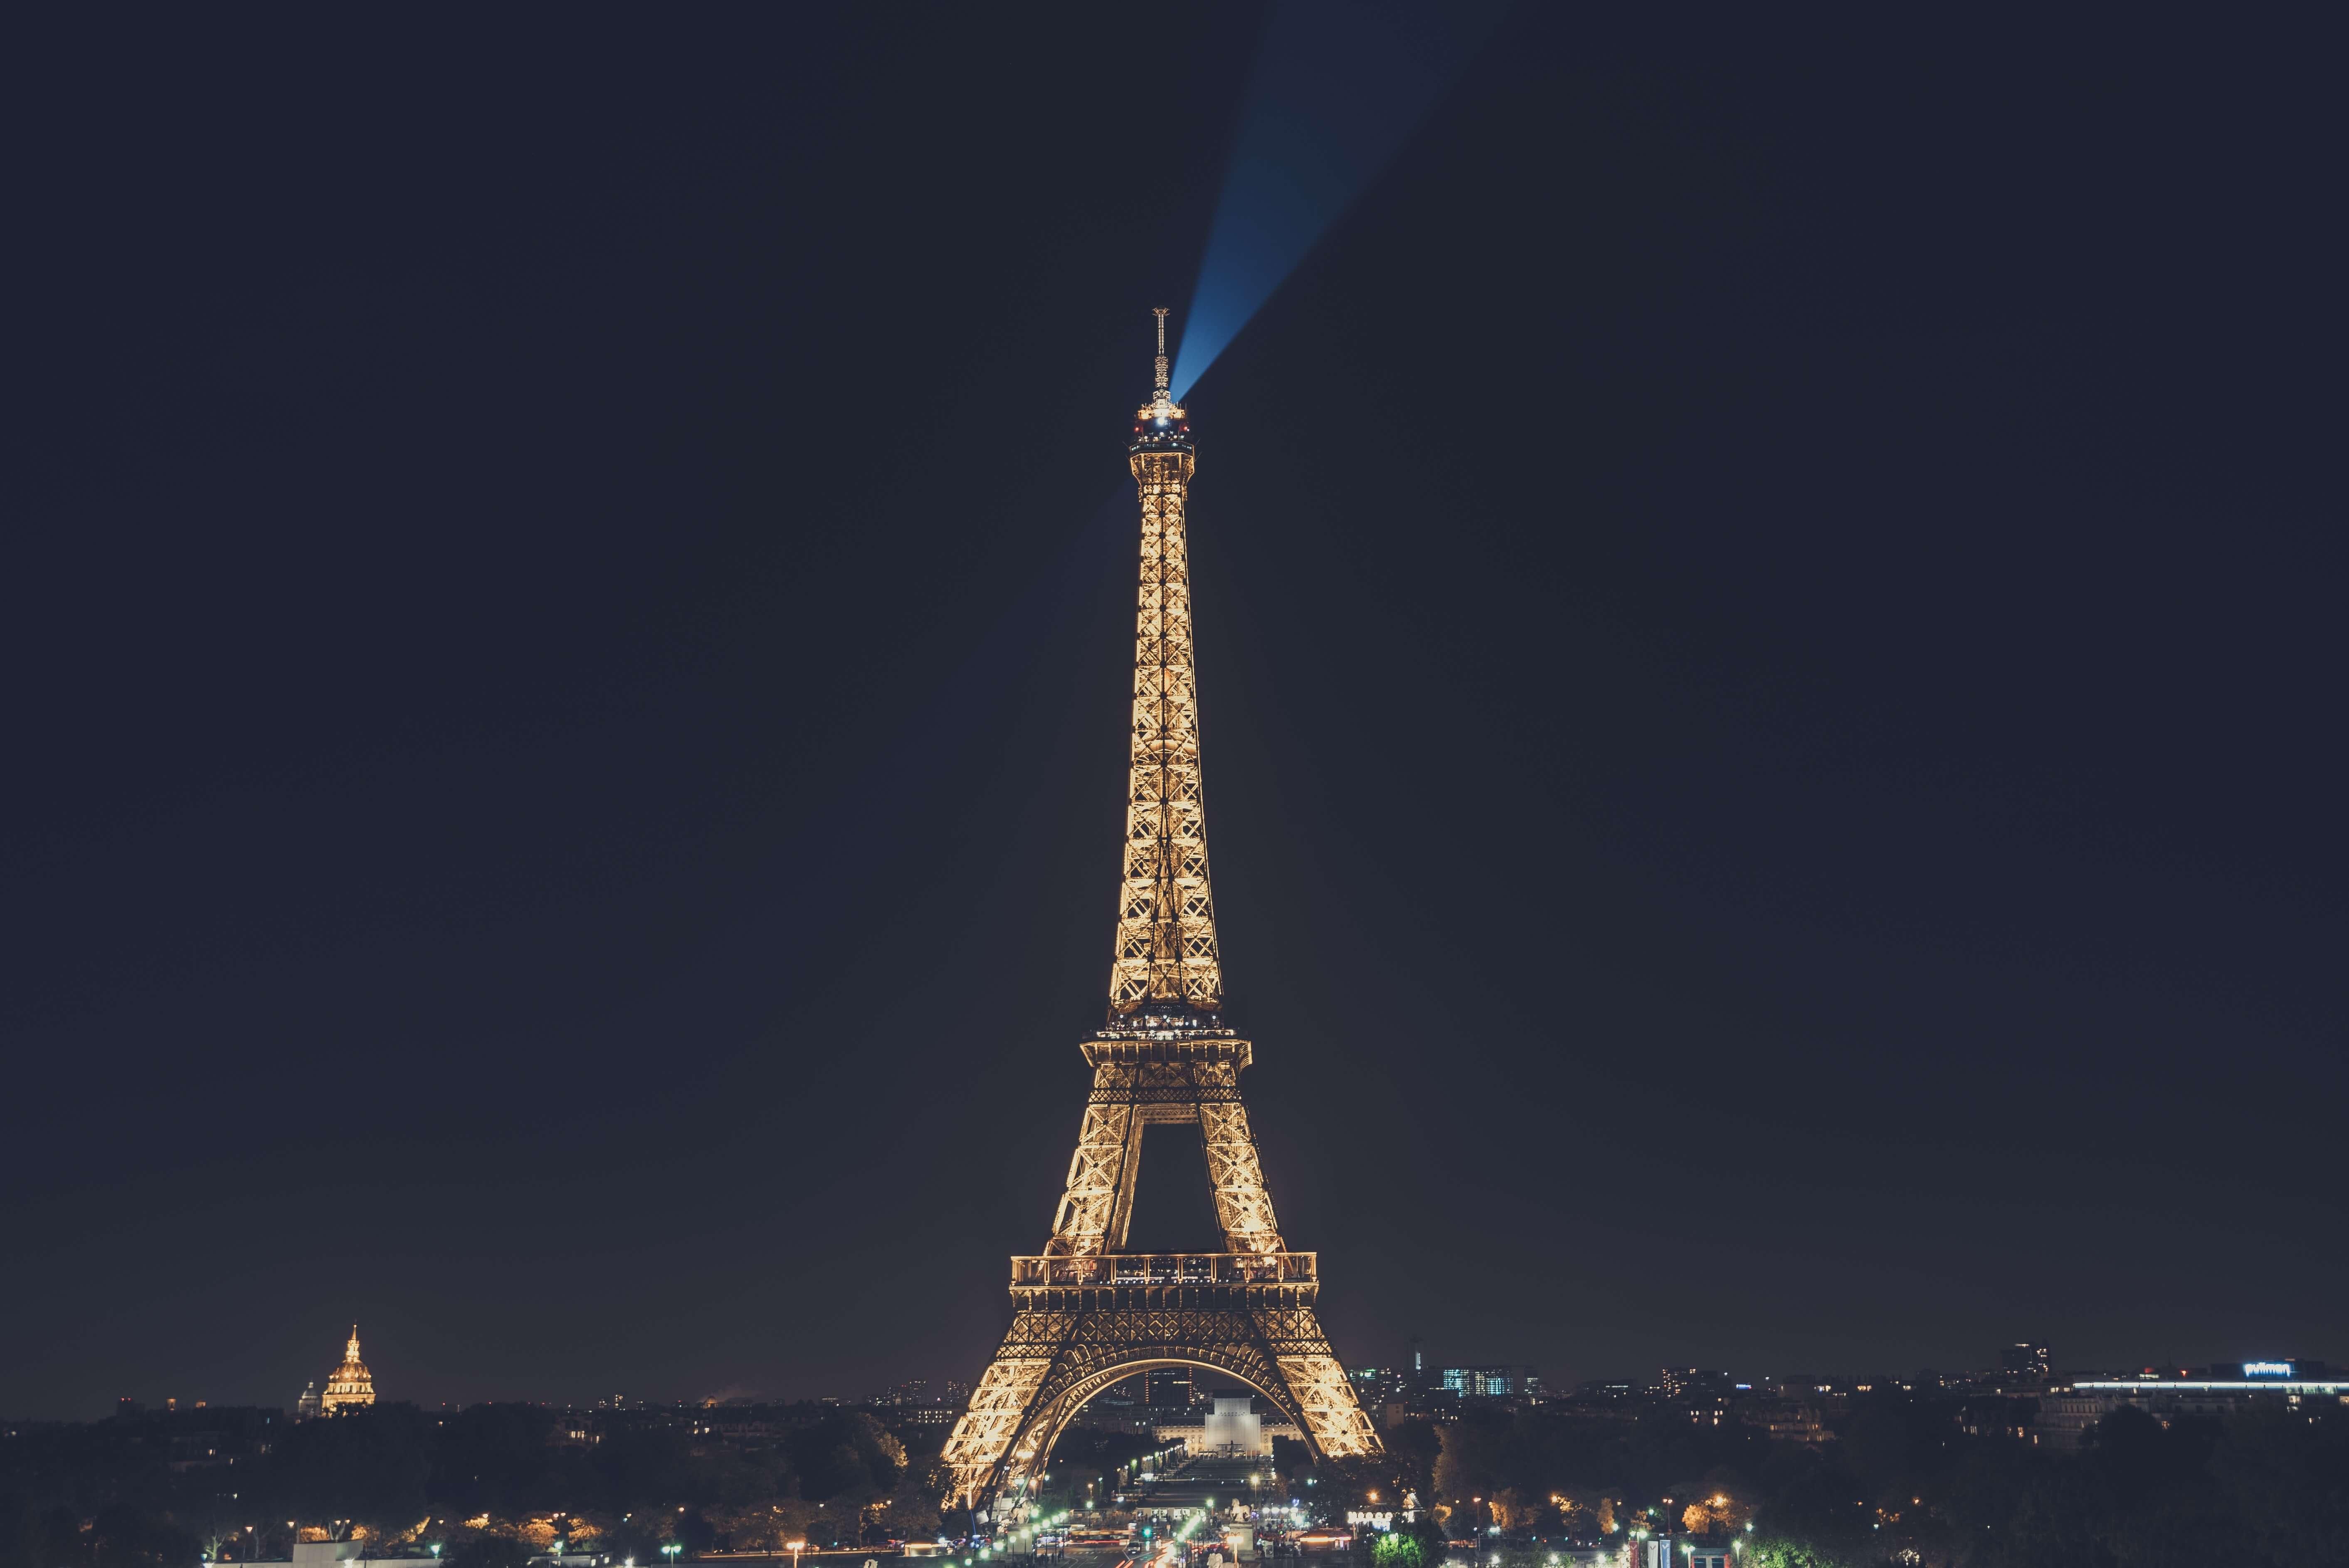 Eiffelturm bei Nacht, mit Beleuchtung